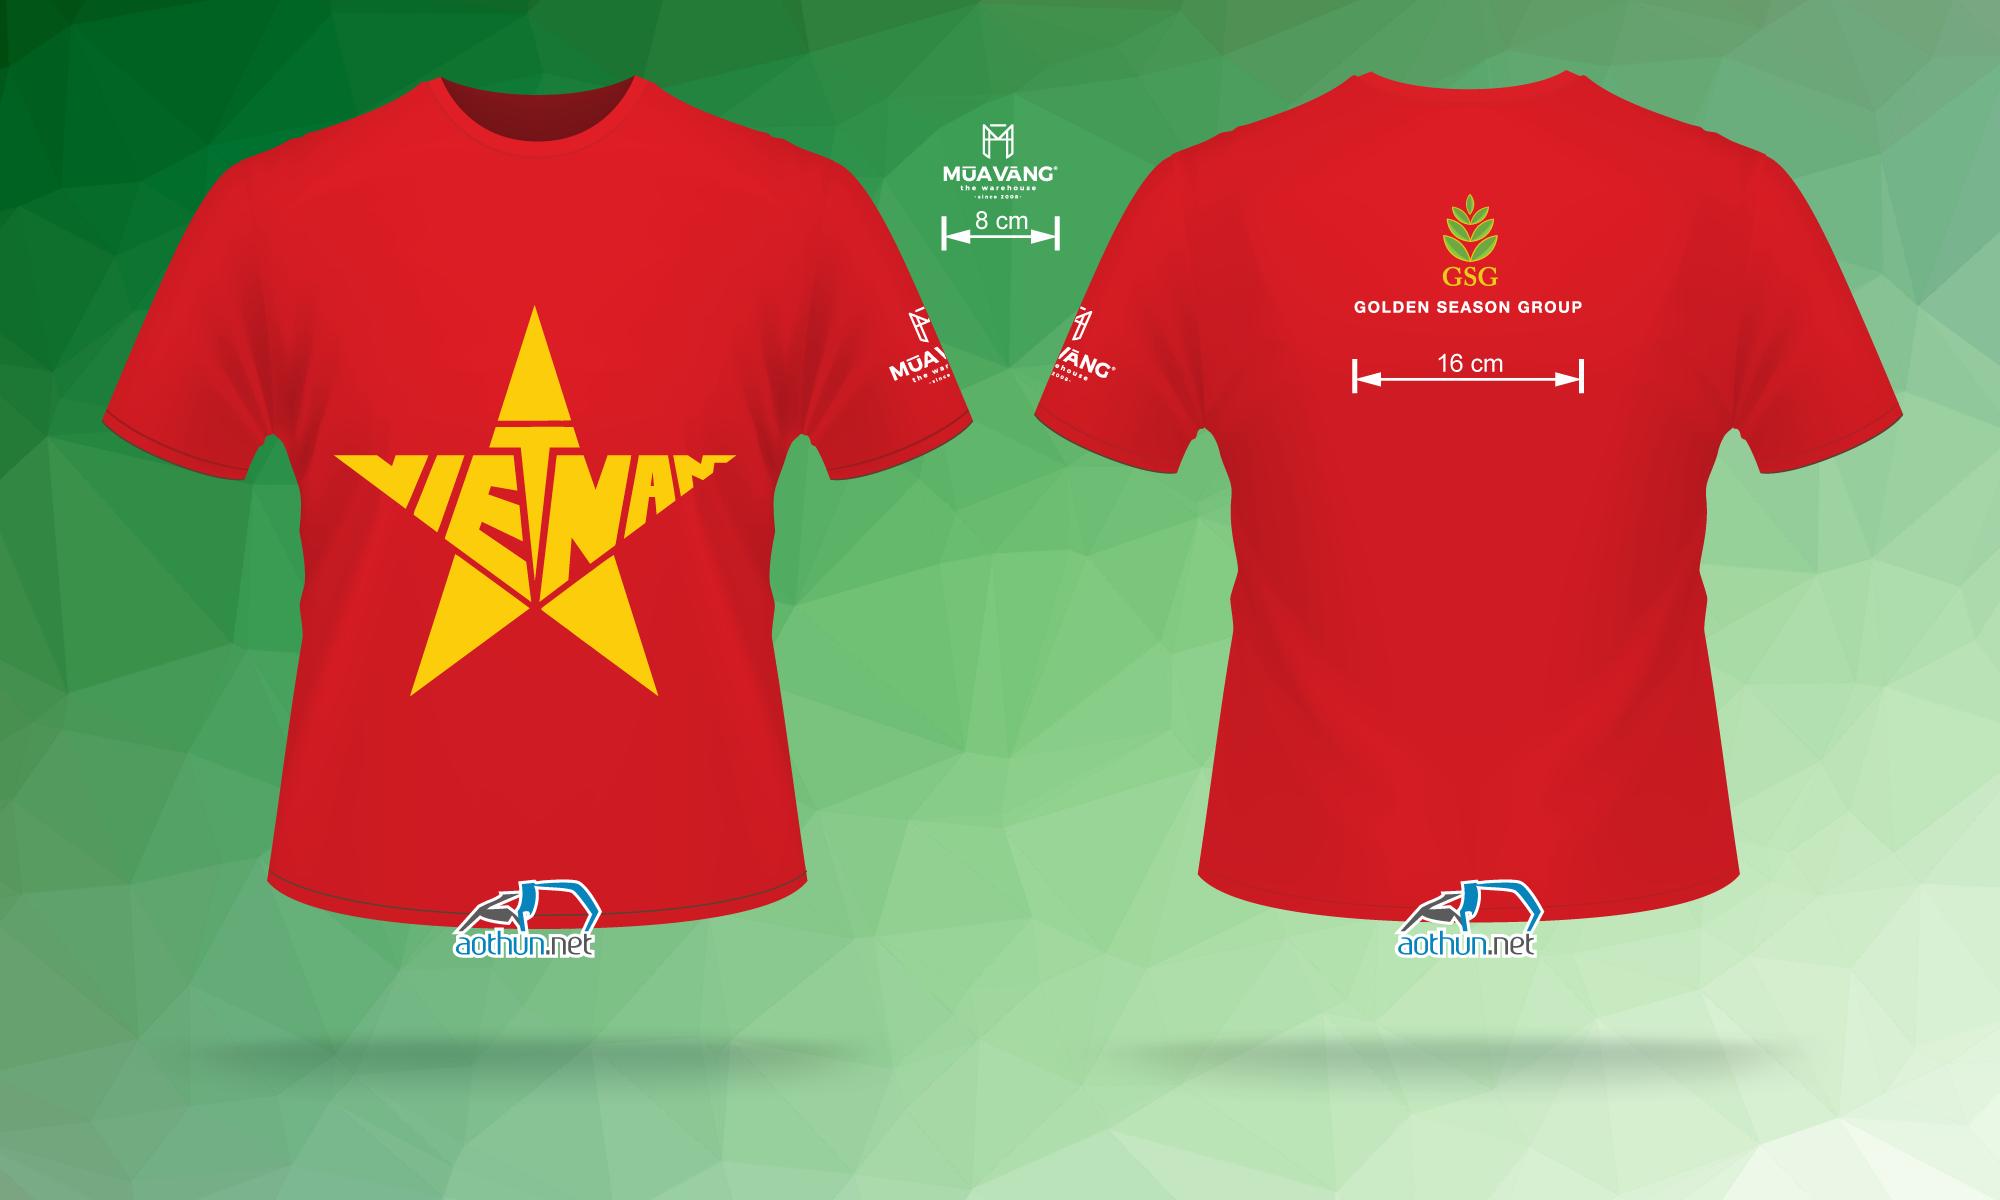 In áo thun cổ vũ đội tuyển Việt Nam cho Công ty Mùa Vàng